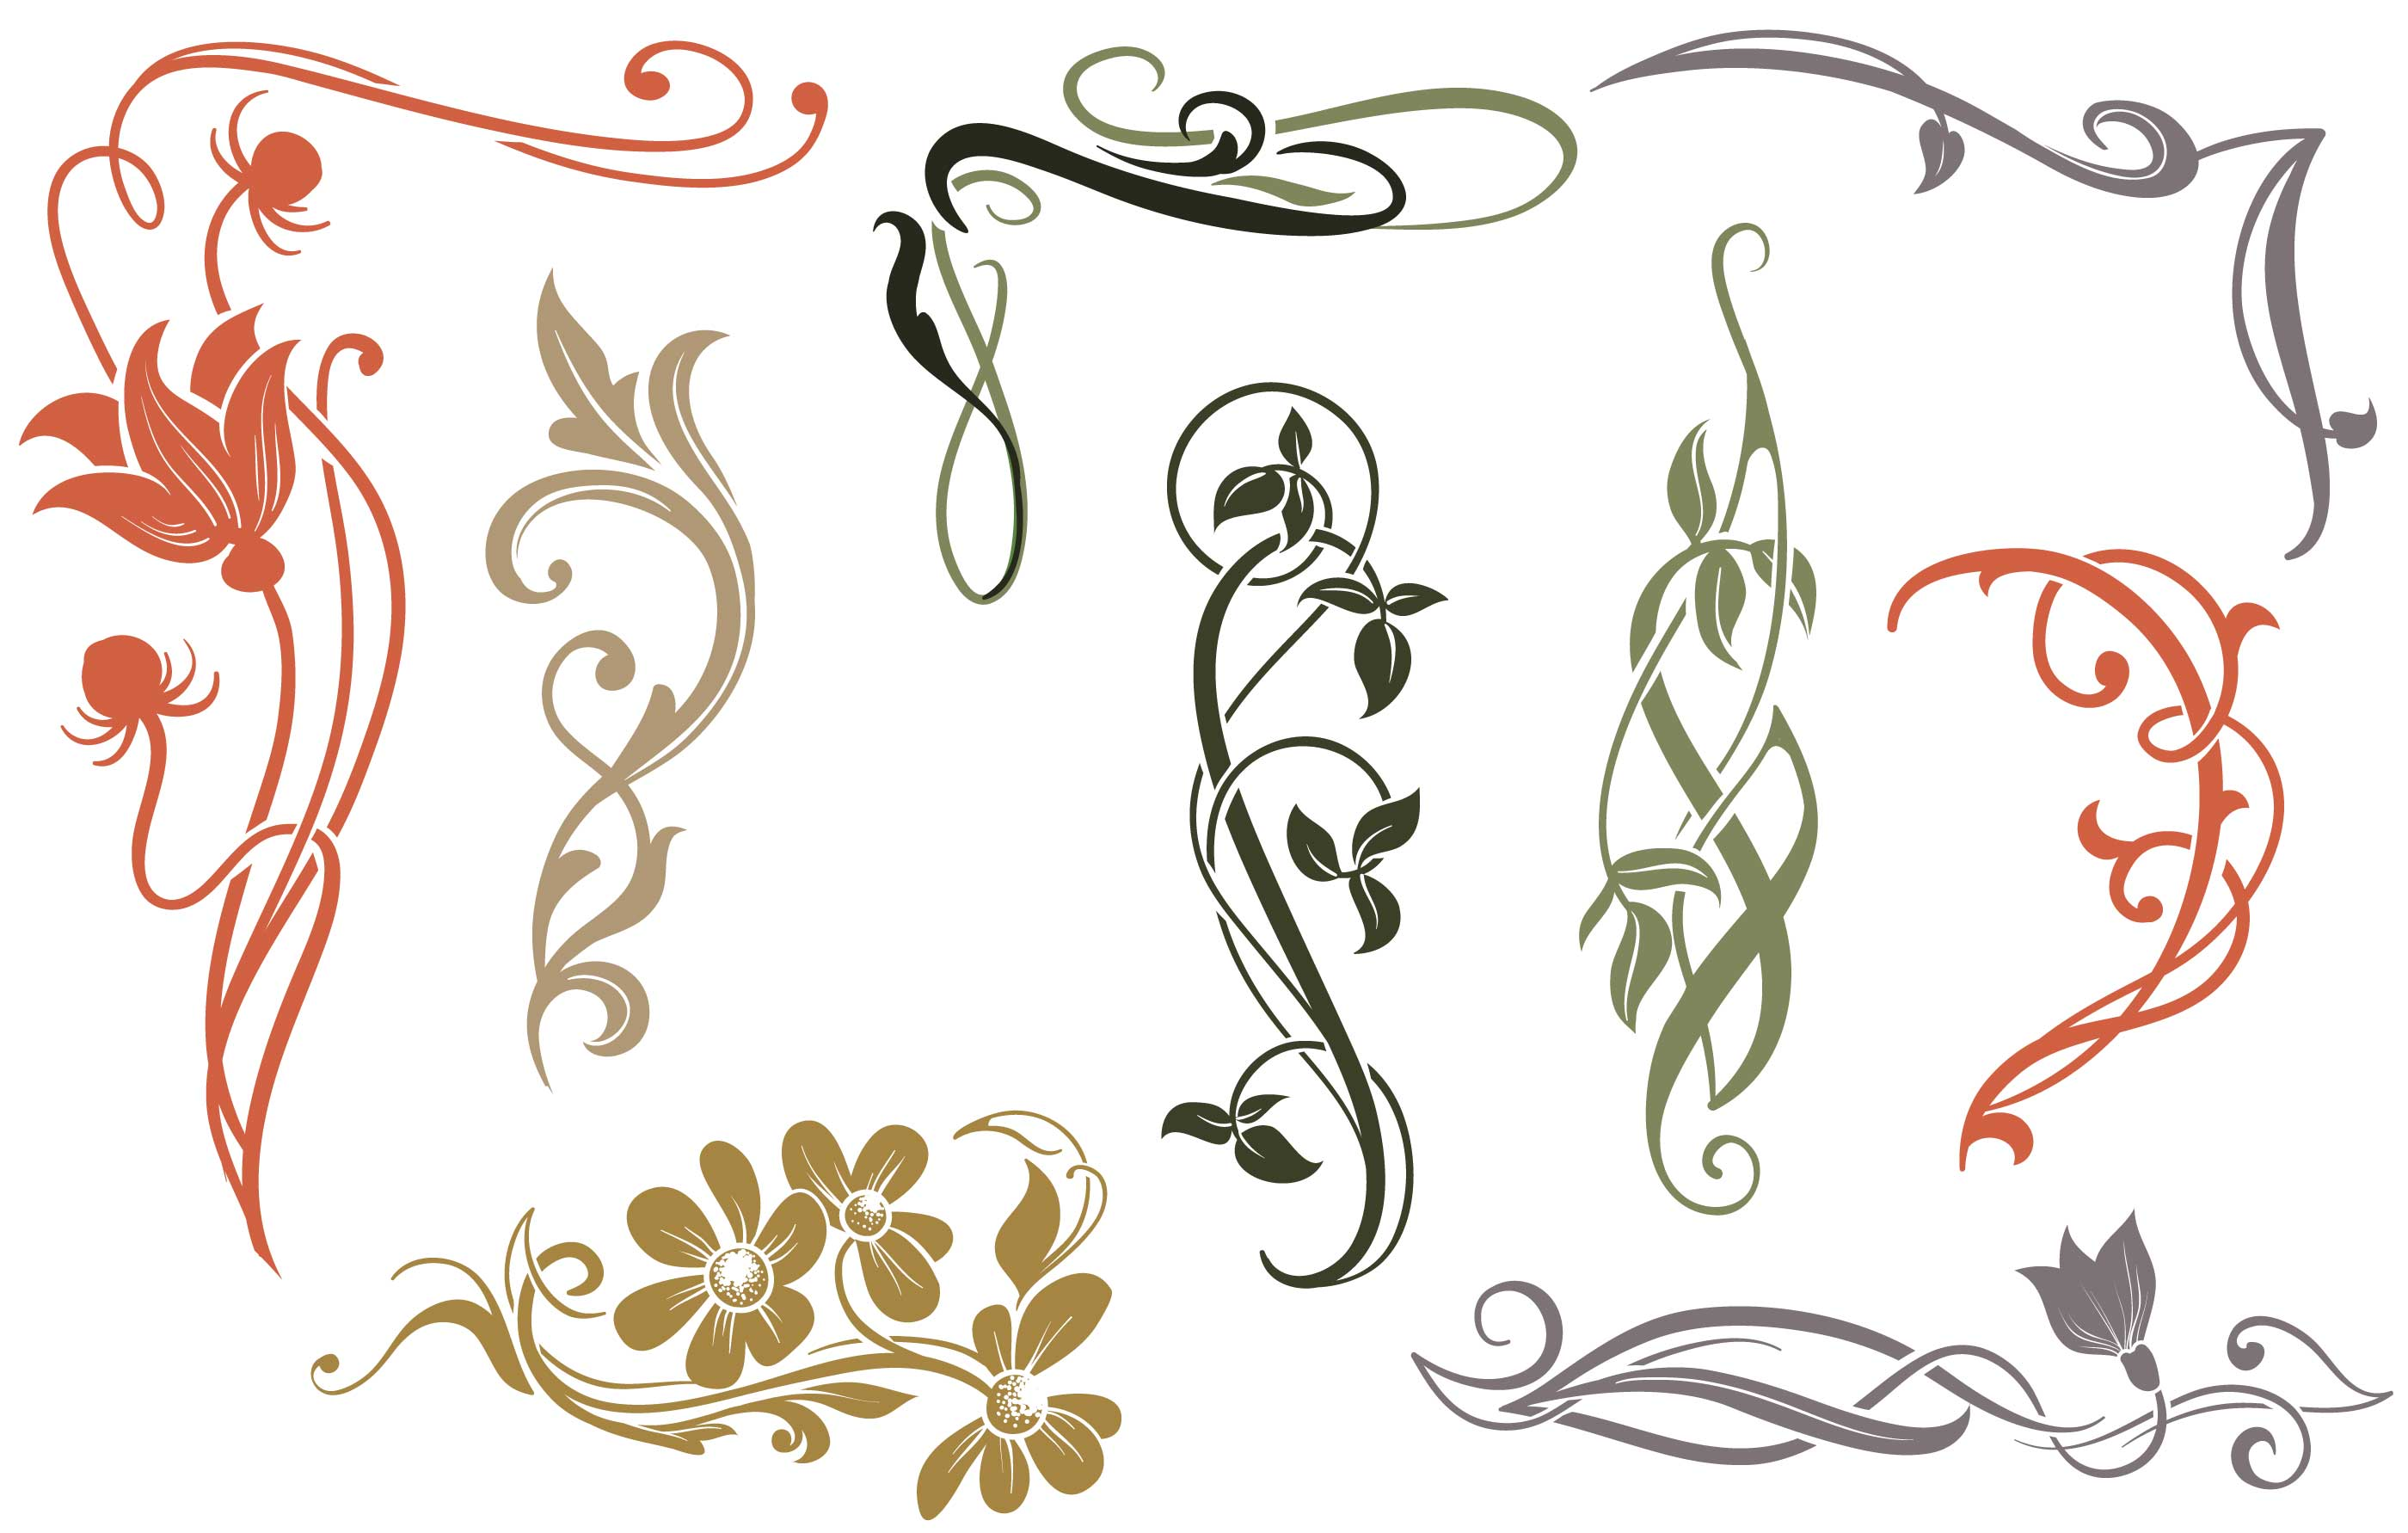 art nouveau vectors download free vector art stock. Black Bedroom Furniture Sets. Home Design Ideas